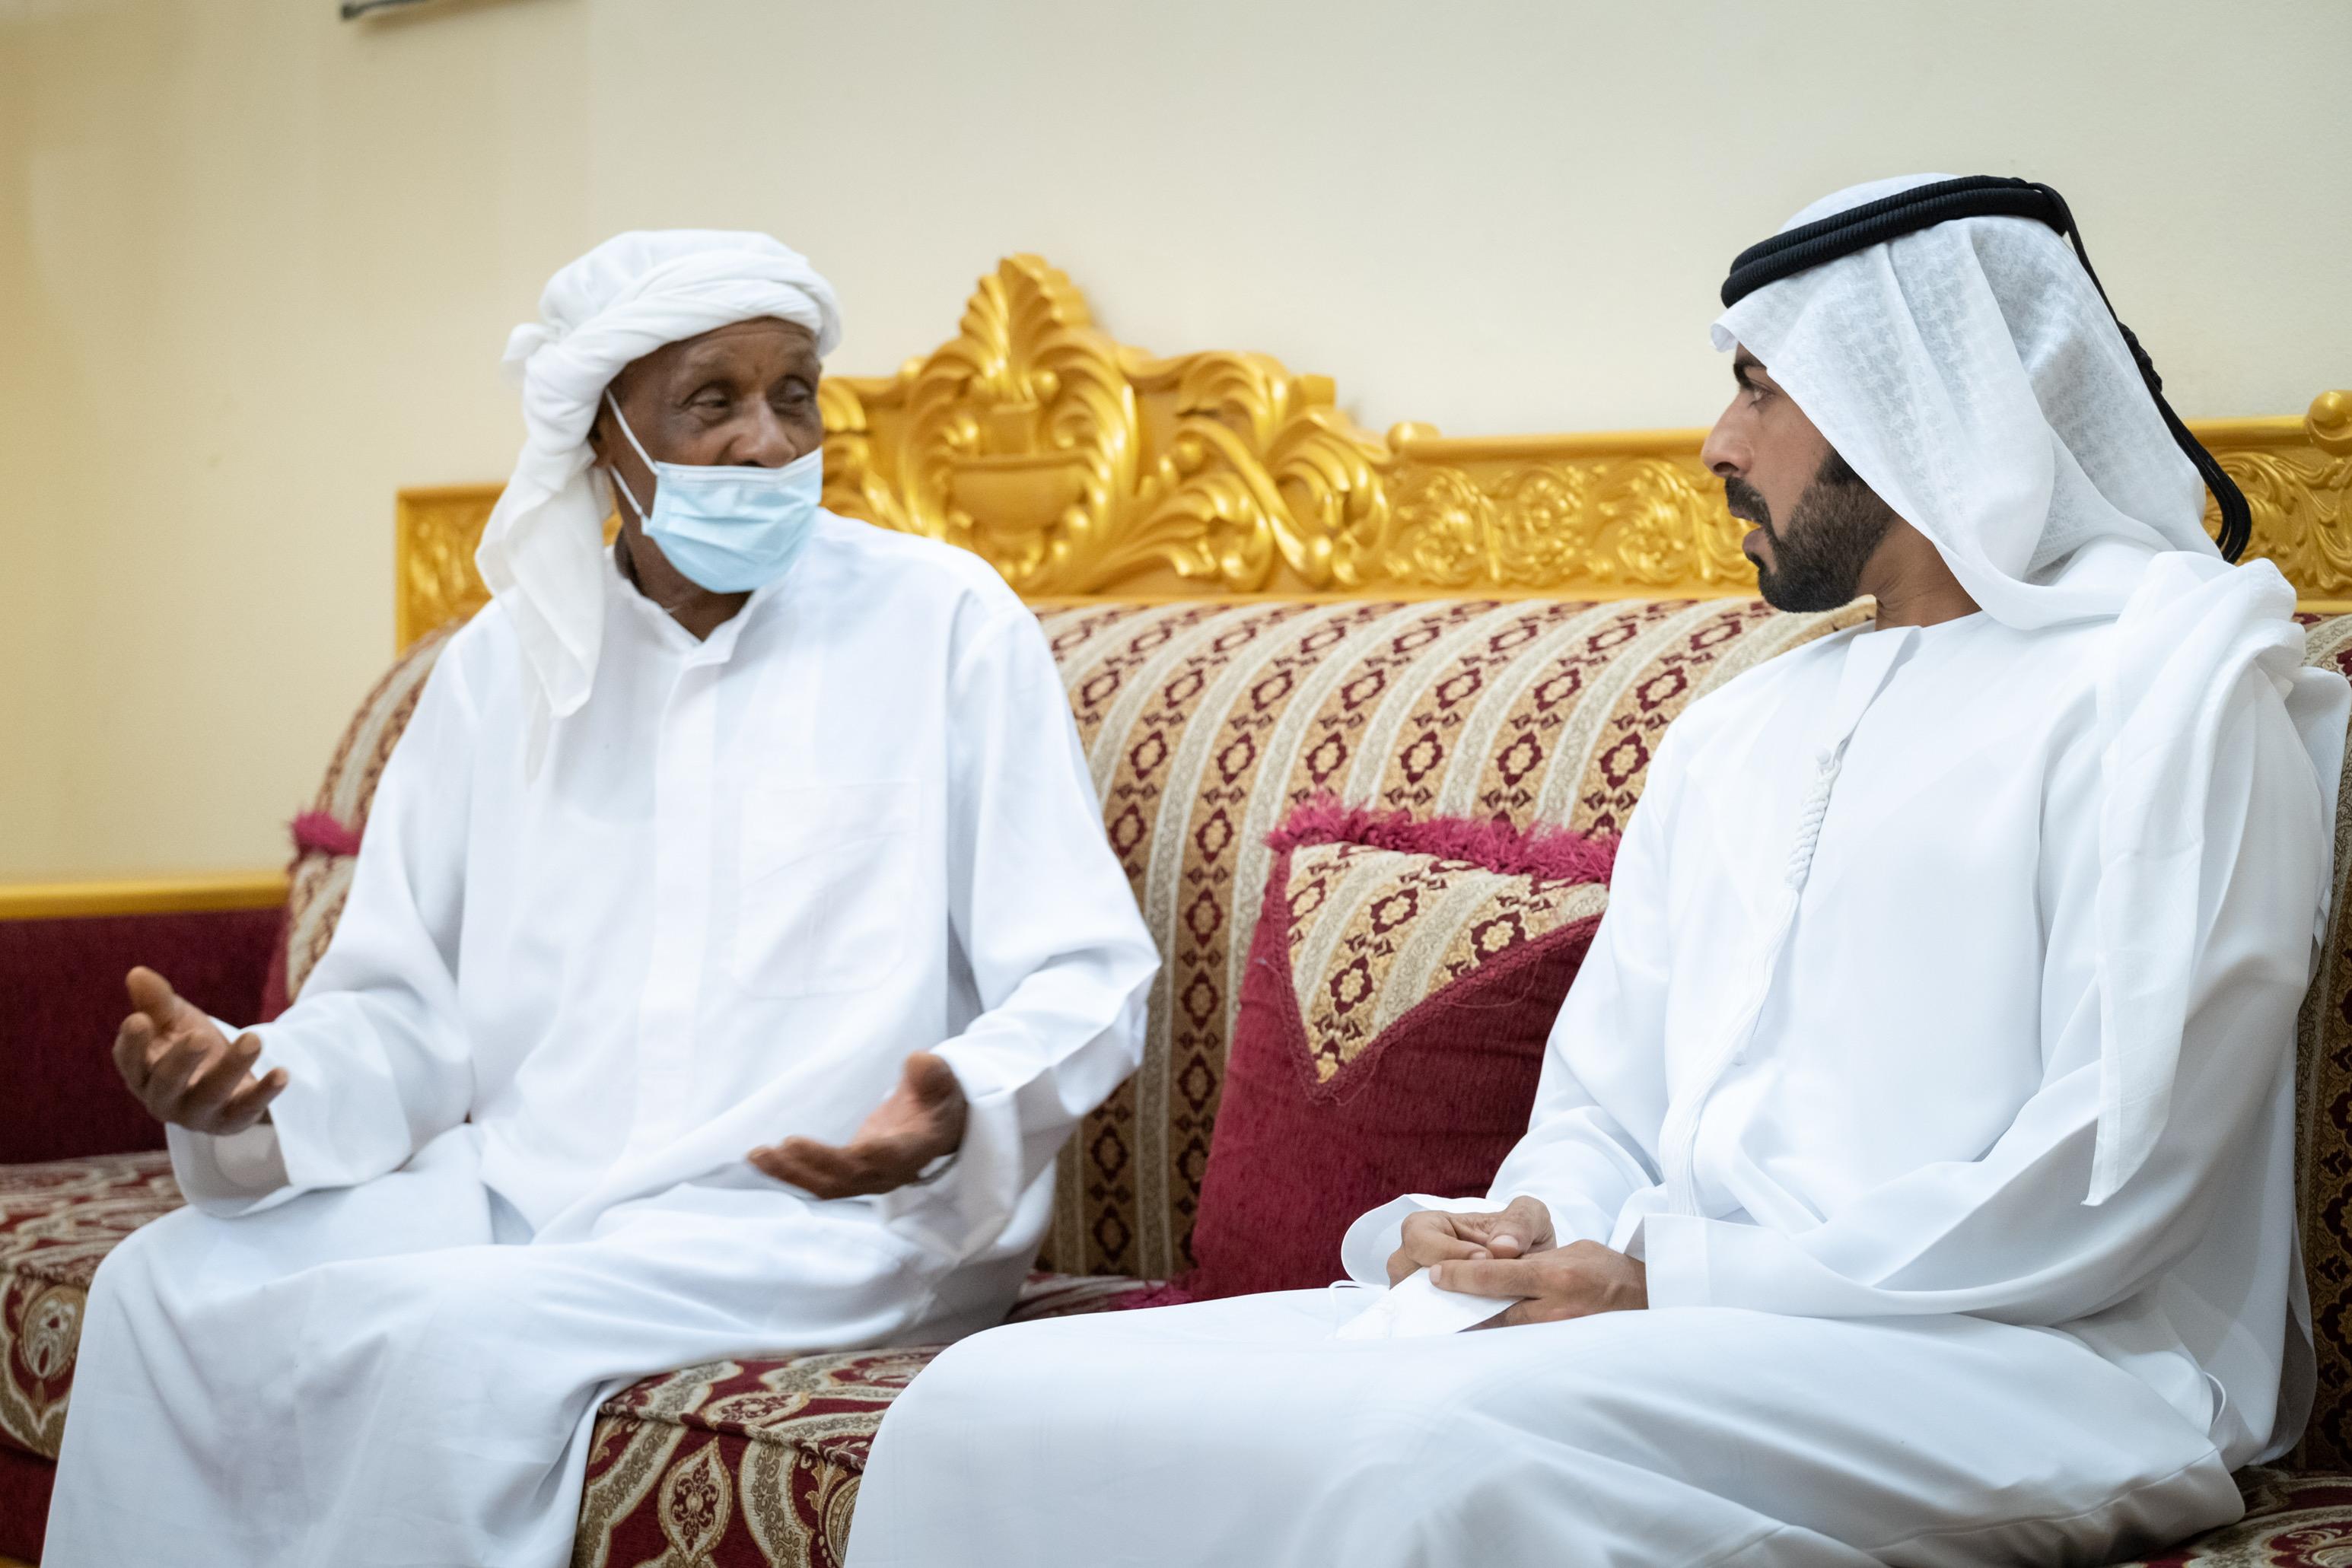 خليفة بن طحنون يواصل زياراته لأسر الشهداء